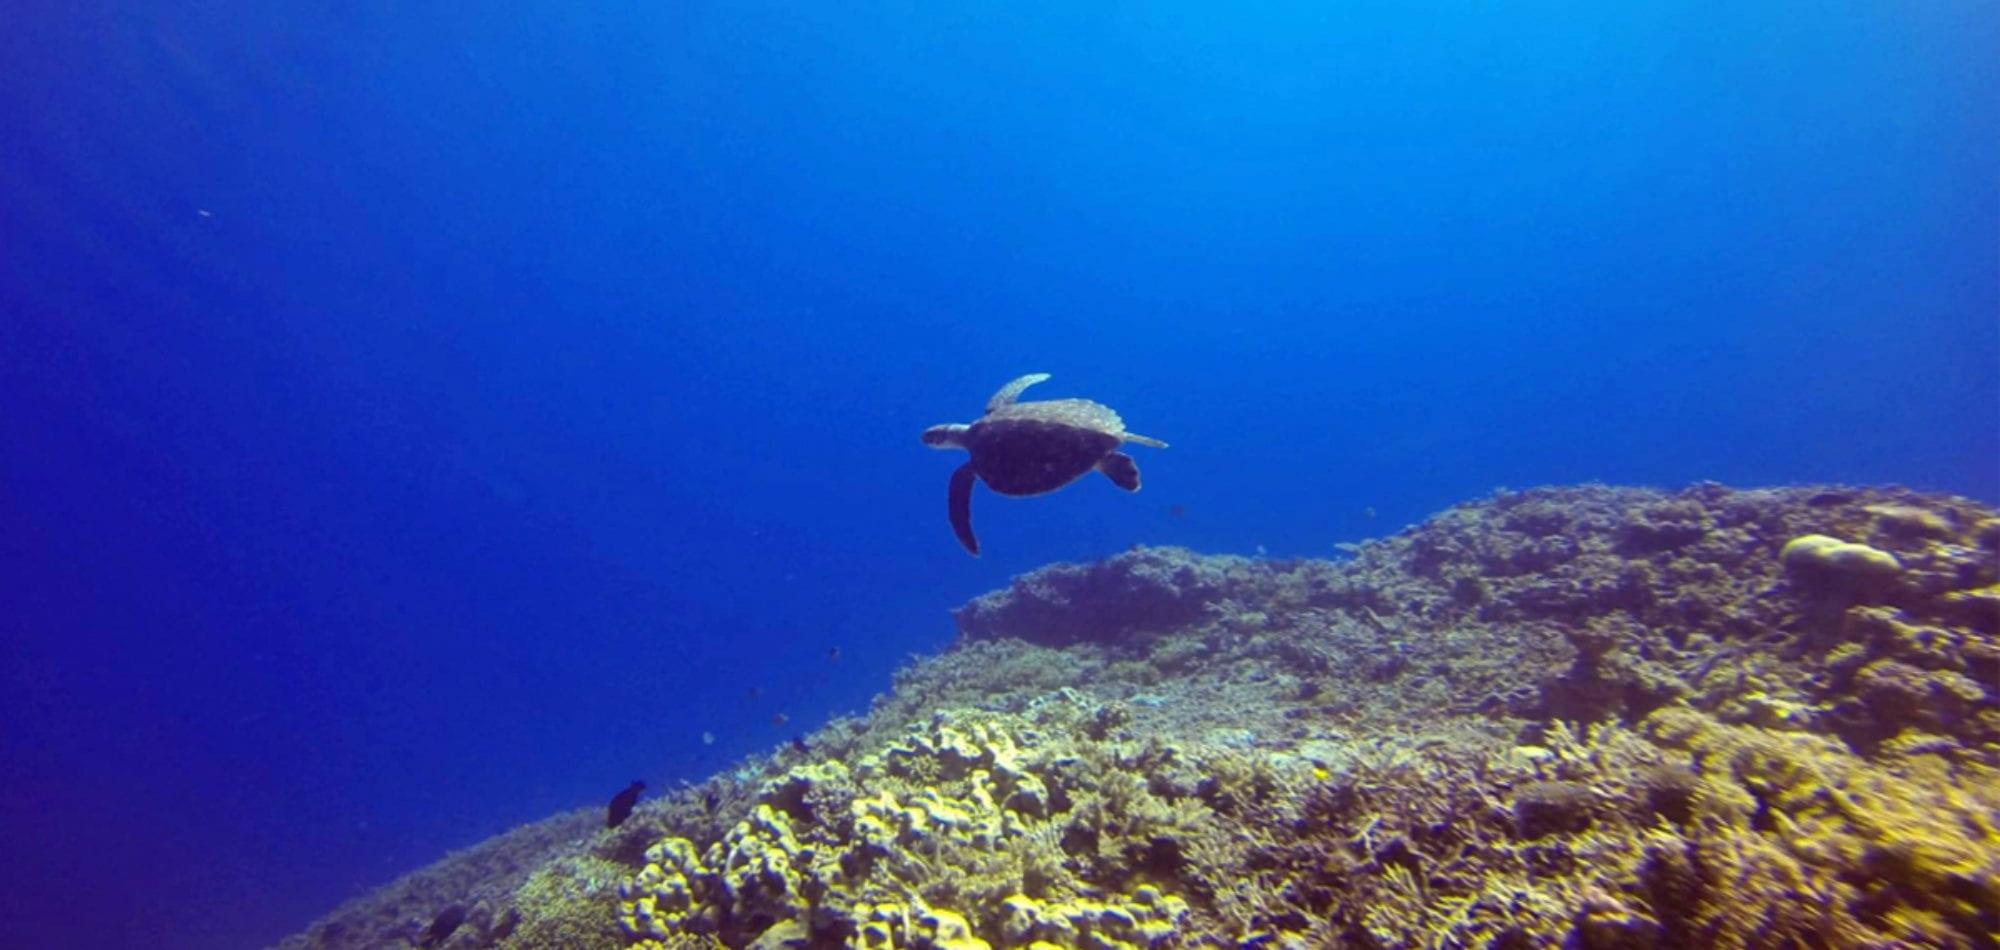 Sea Esta - Sea Turtle